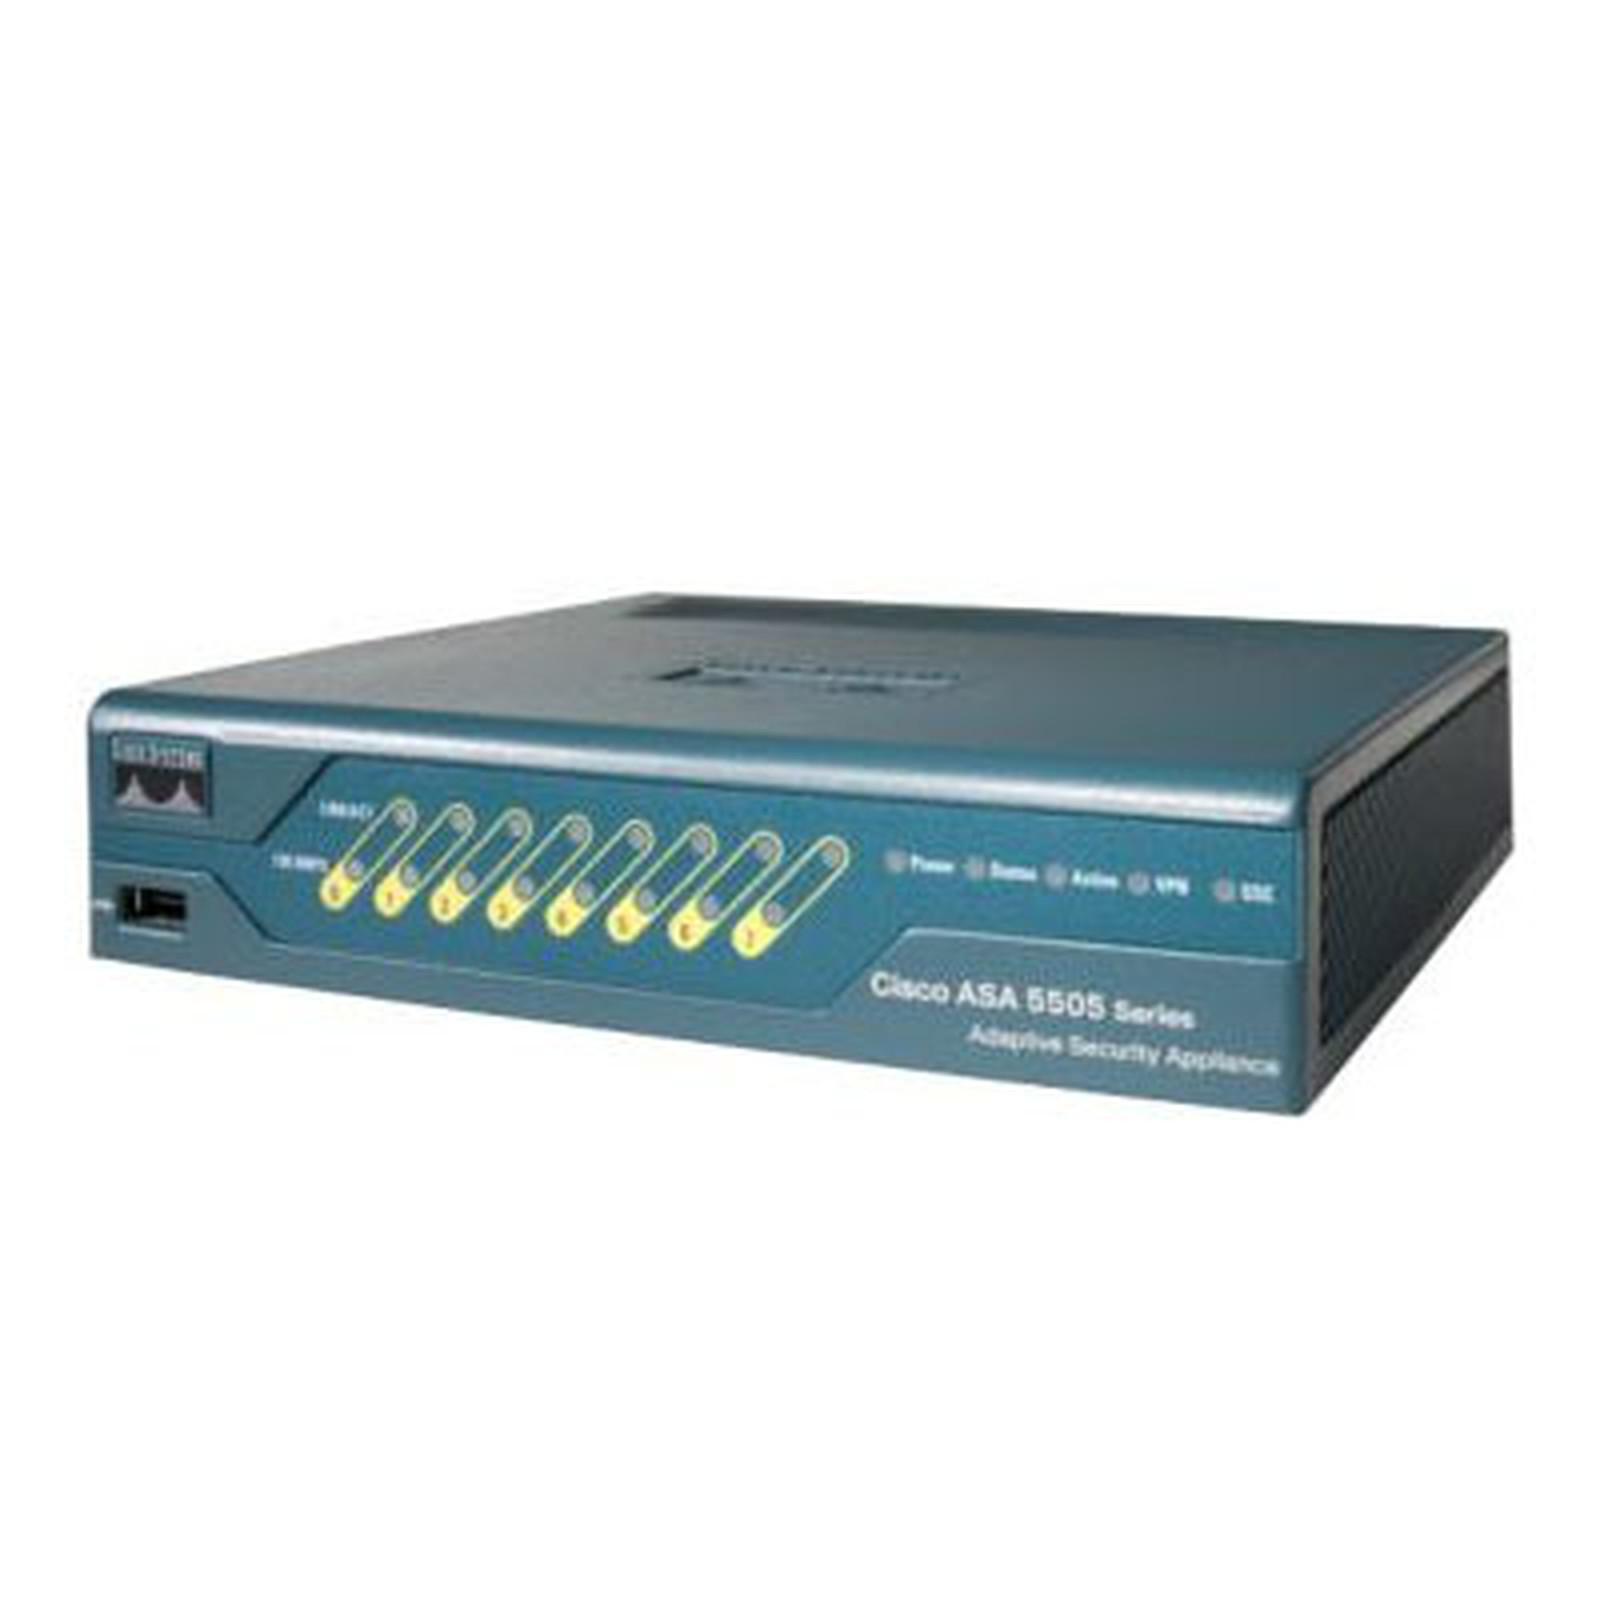 Cisco ASA5505 Security Plus